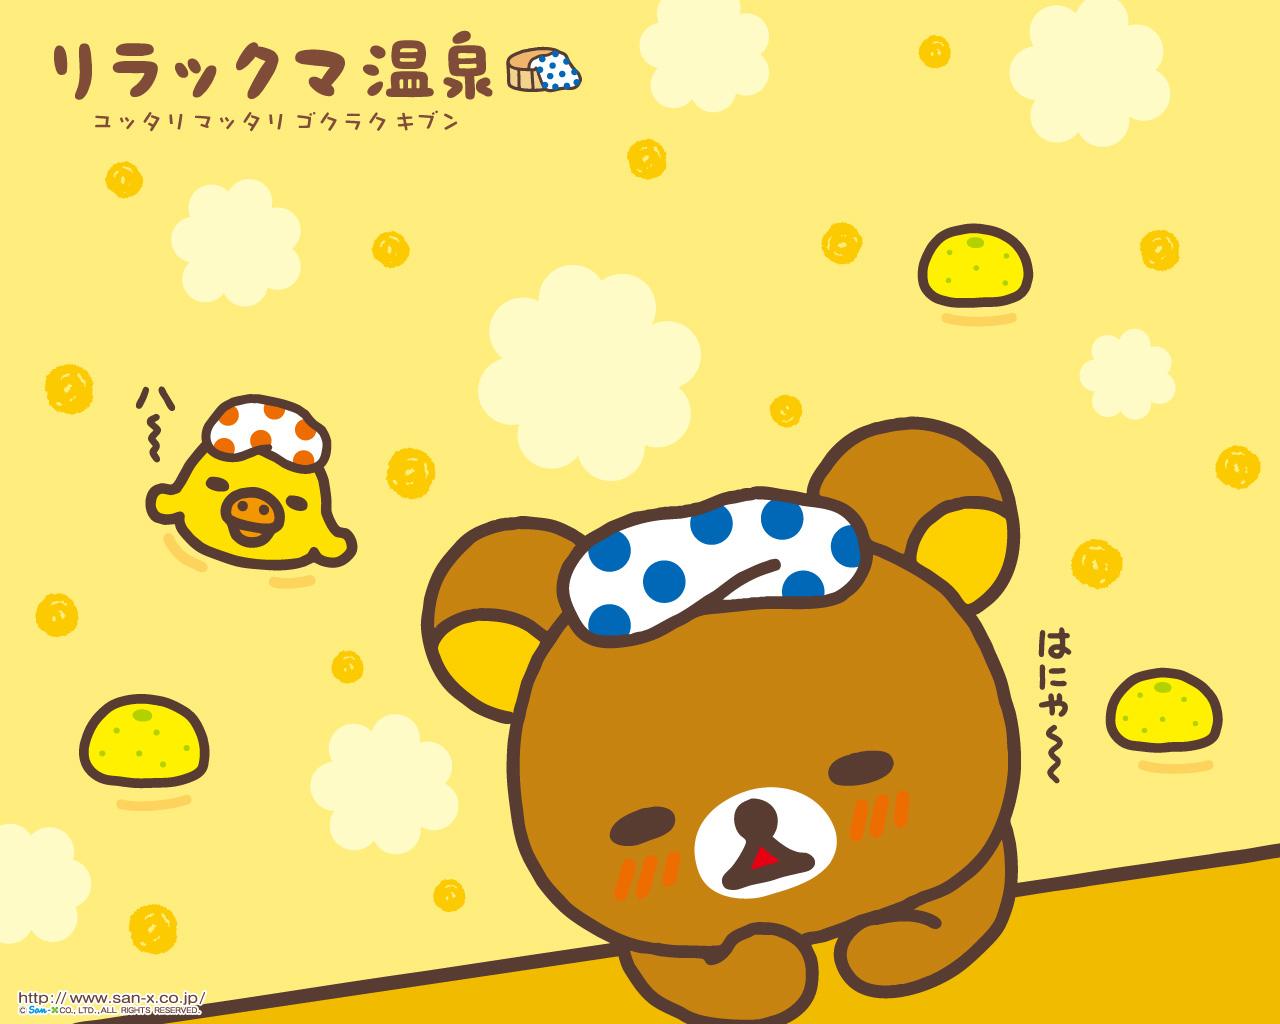 rilakkuma wallpaper january - photo #2